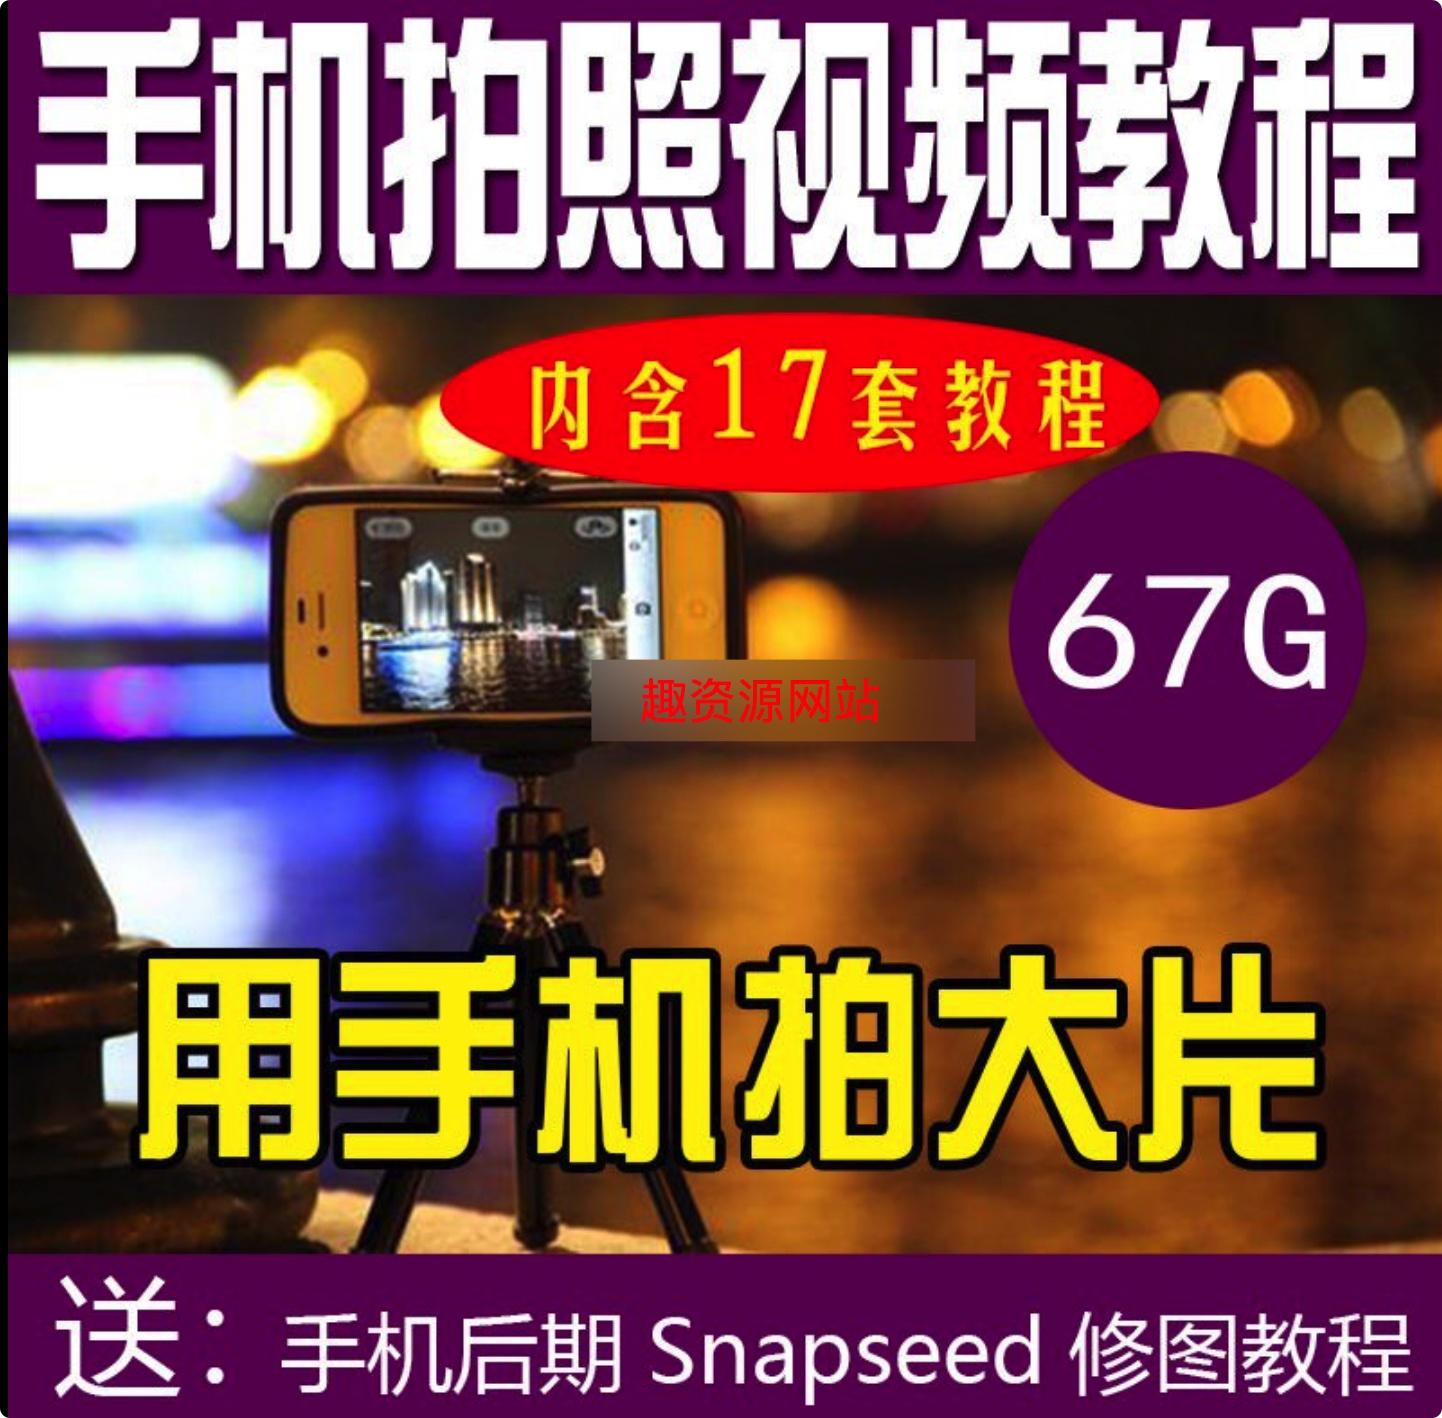 手机摄影教程_短视频vlog手机摄影教程